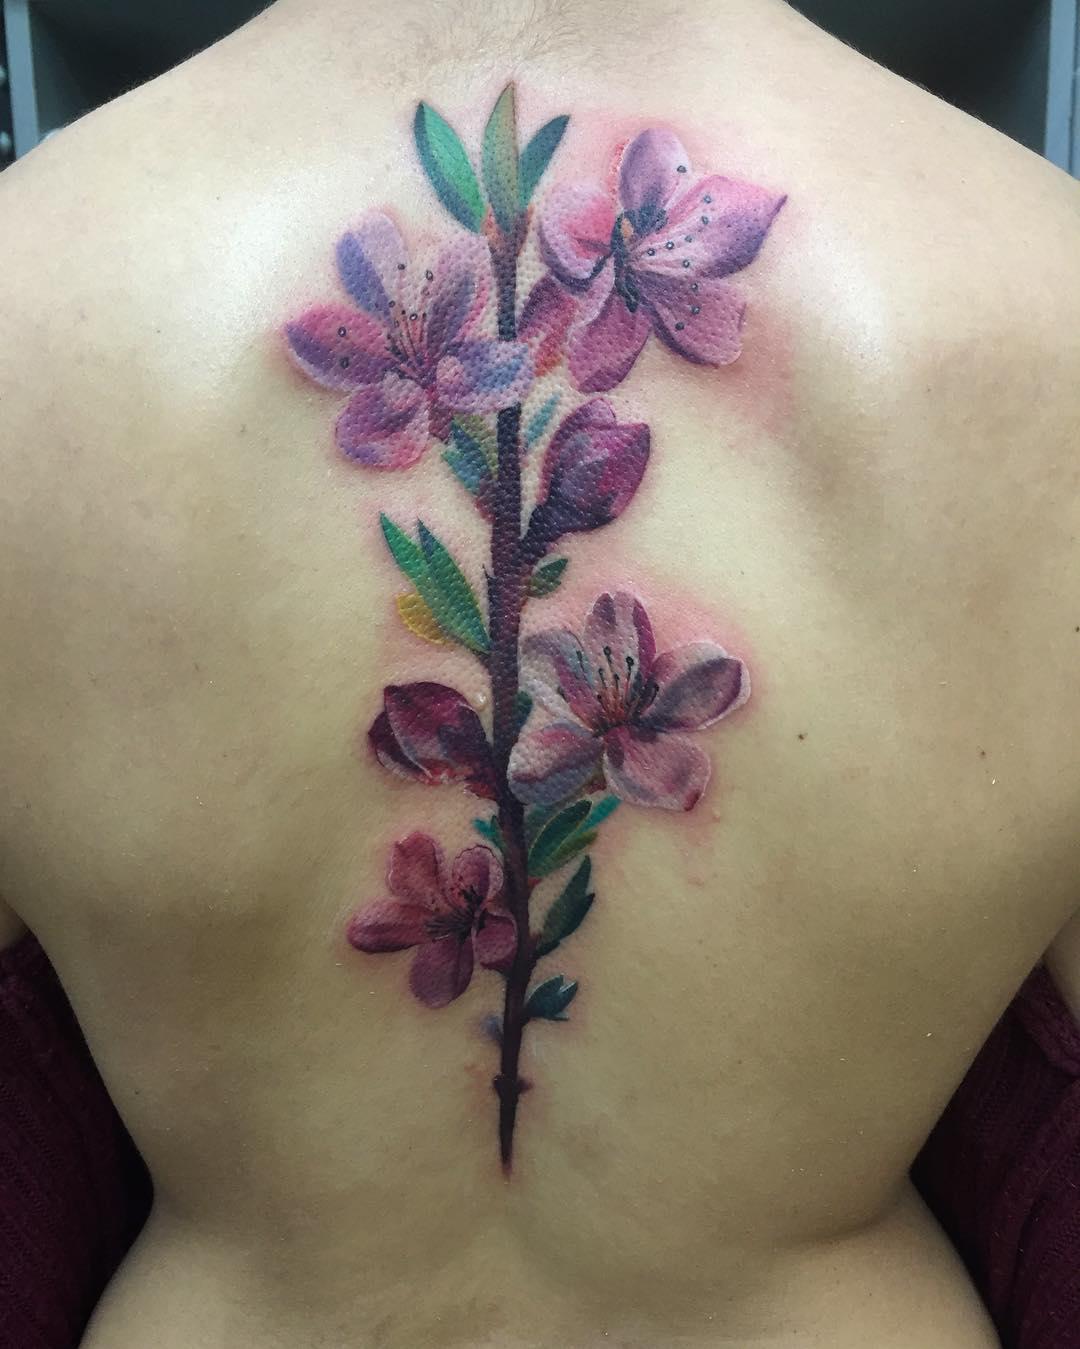 tattoo fiore di pesco by @arochatattoo